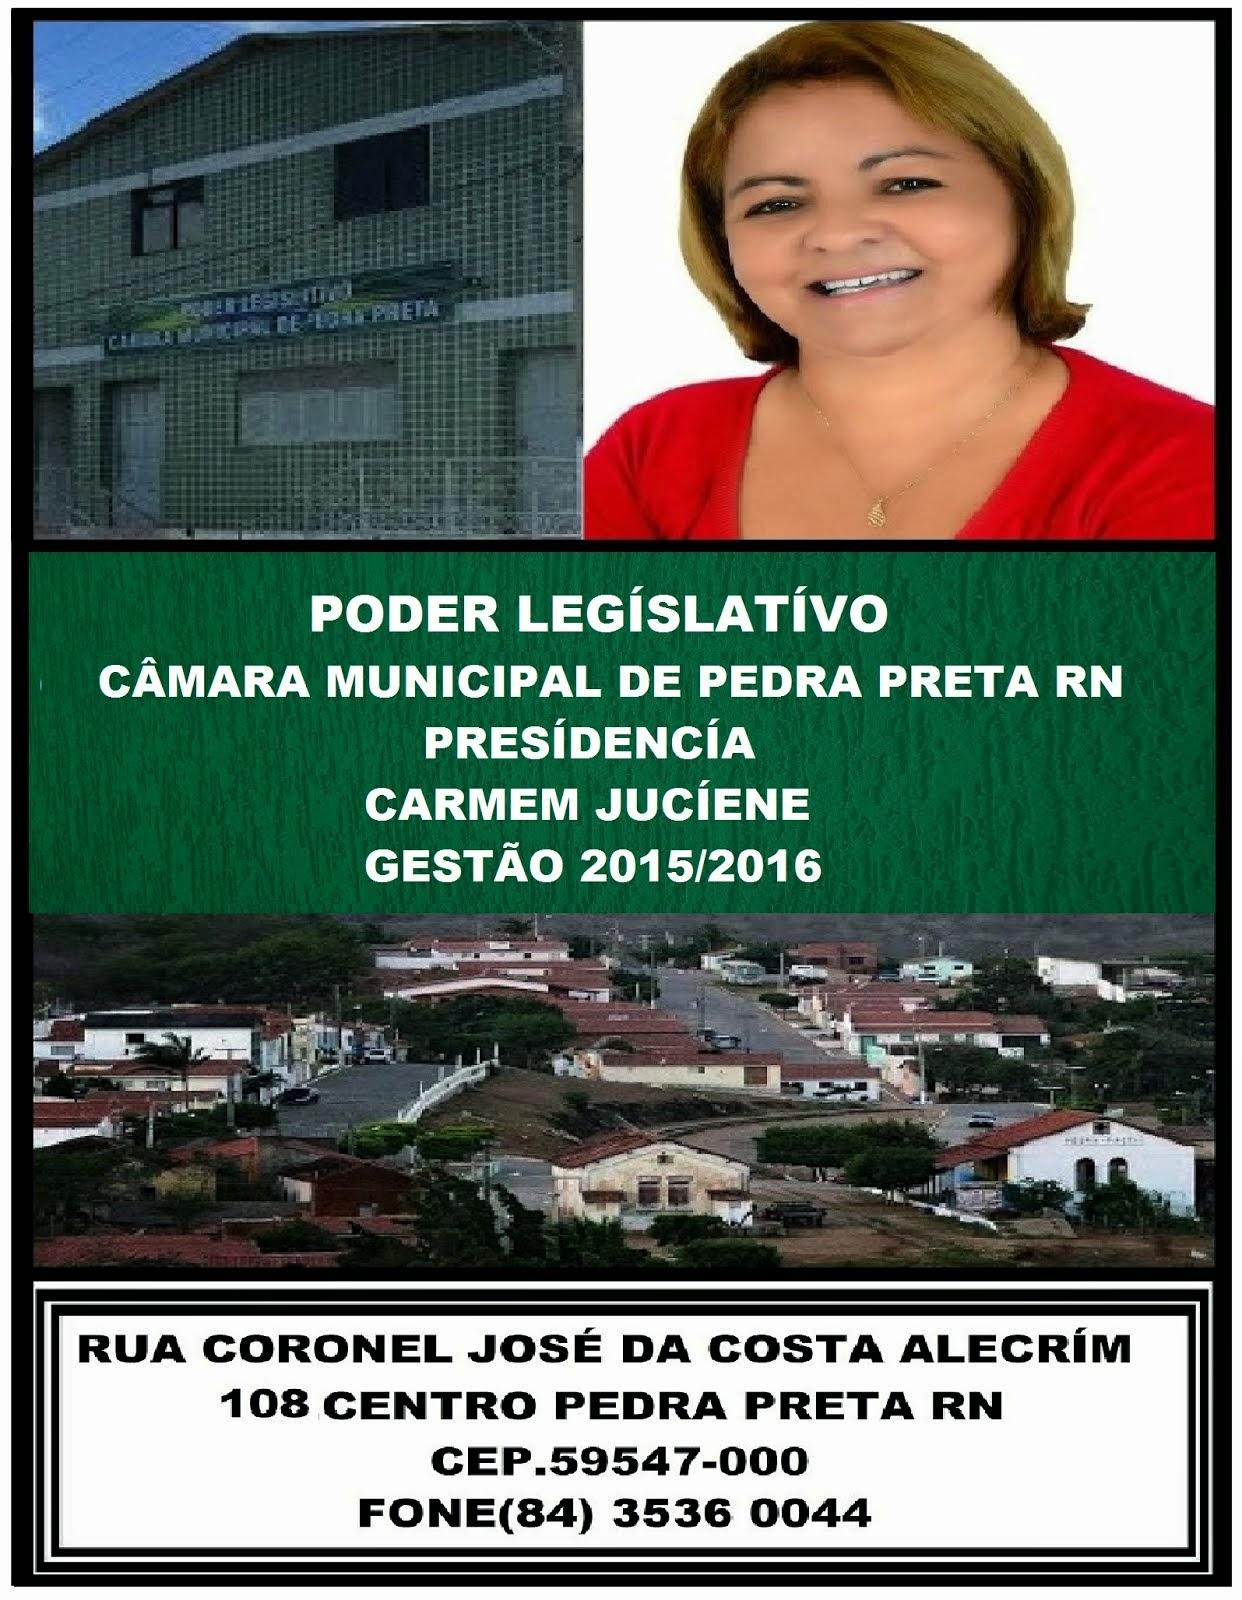 CÂMARA MUNÍCÍPAL DE PEDRA PRETA RN